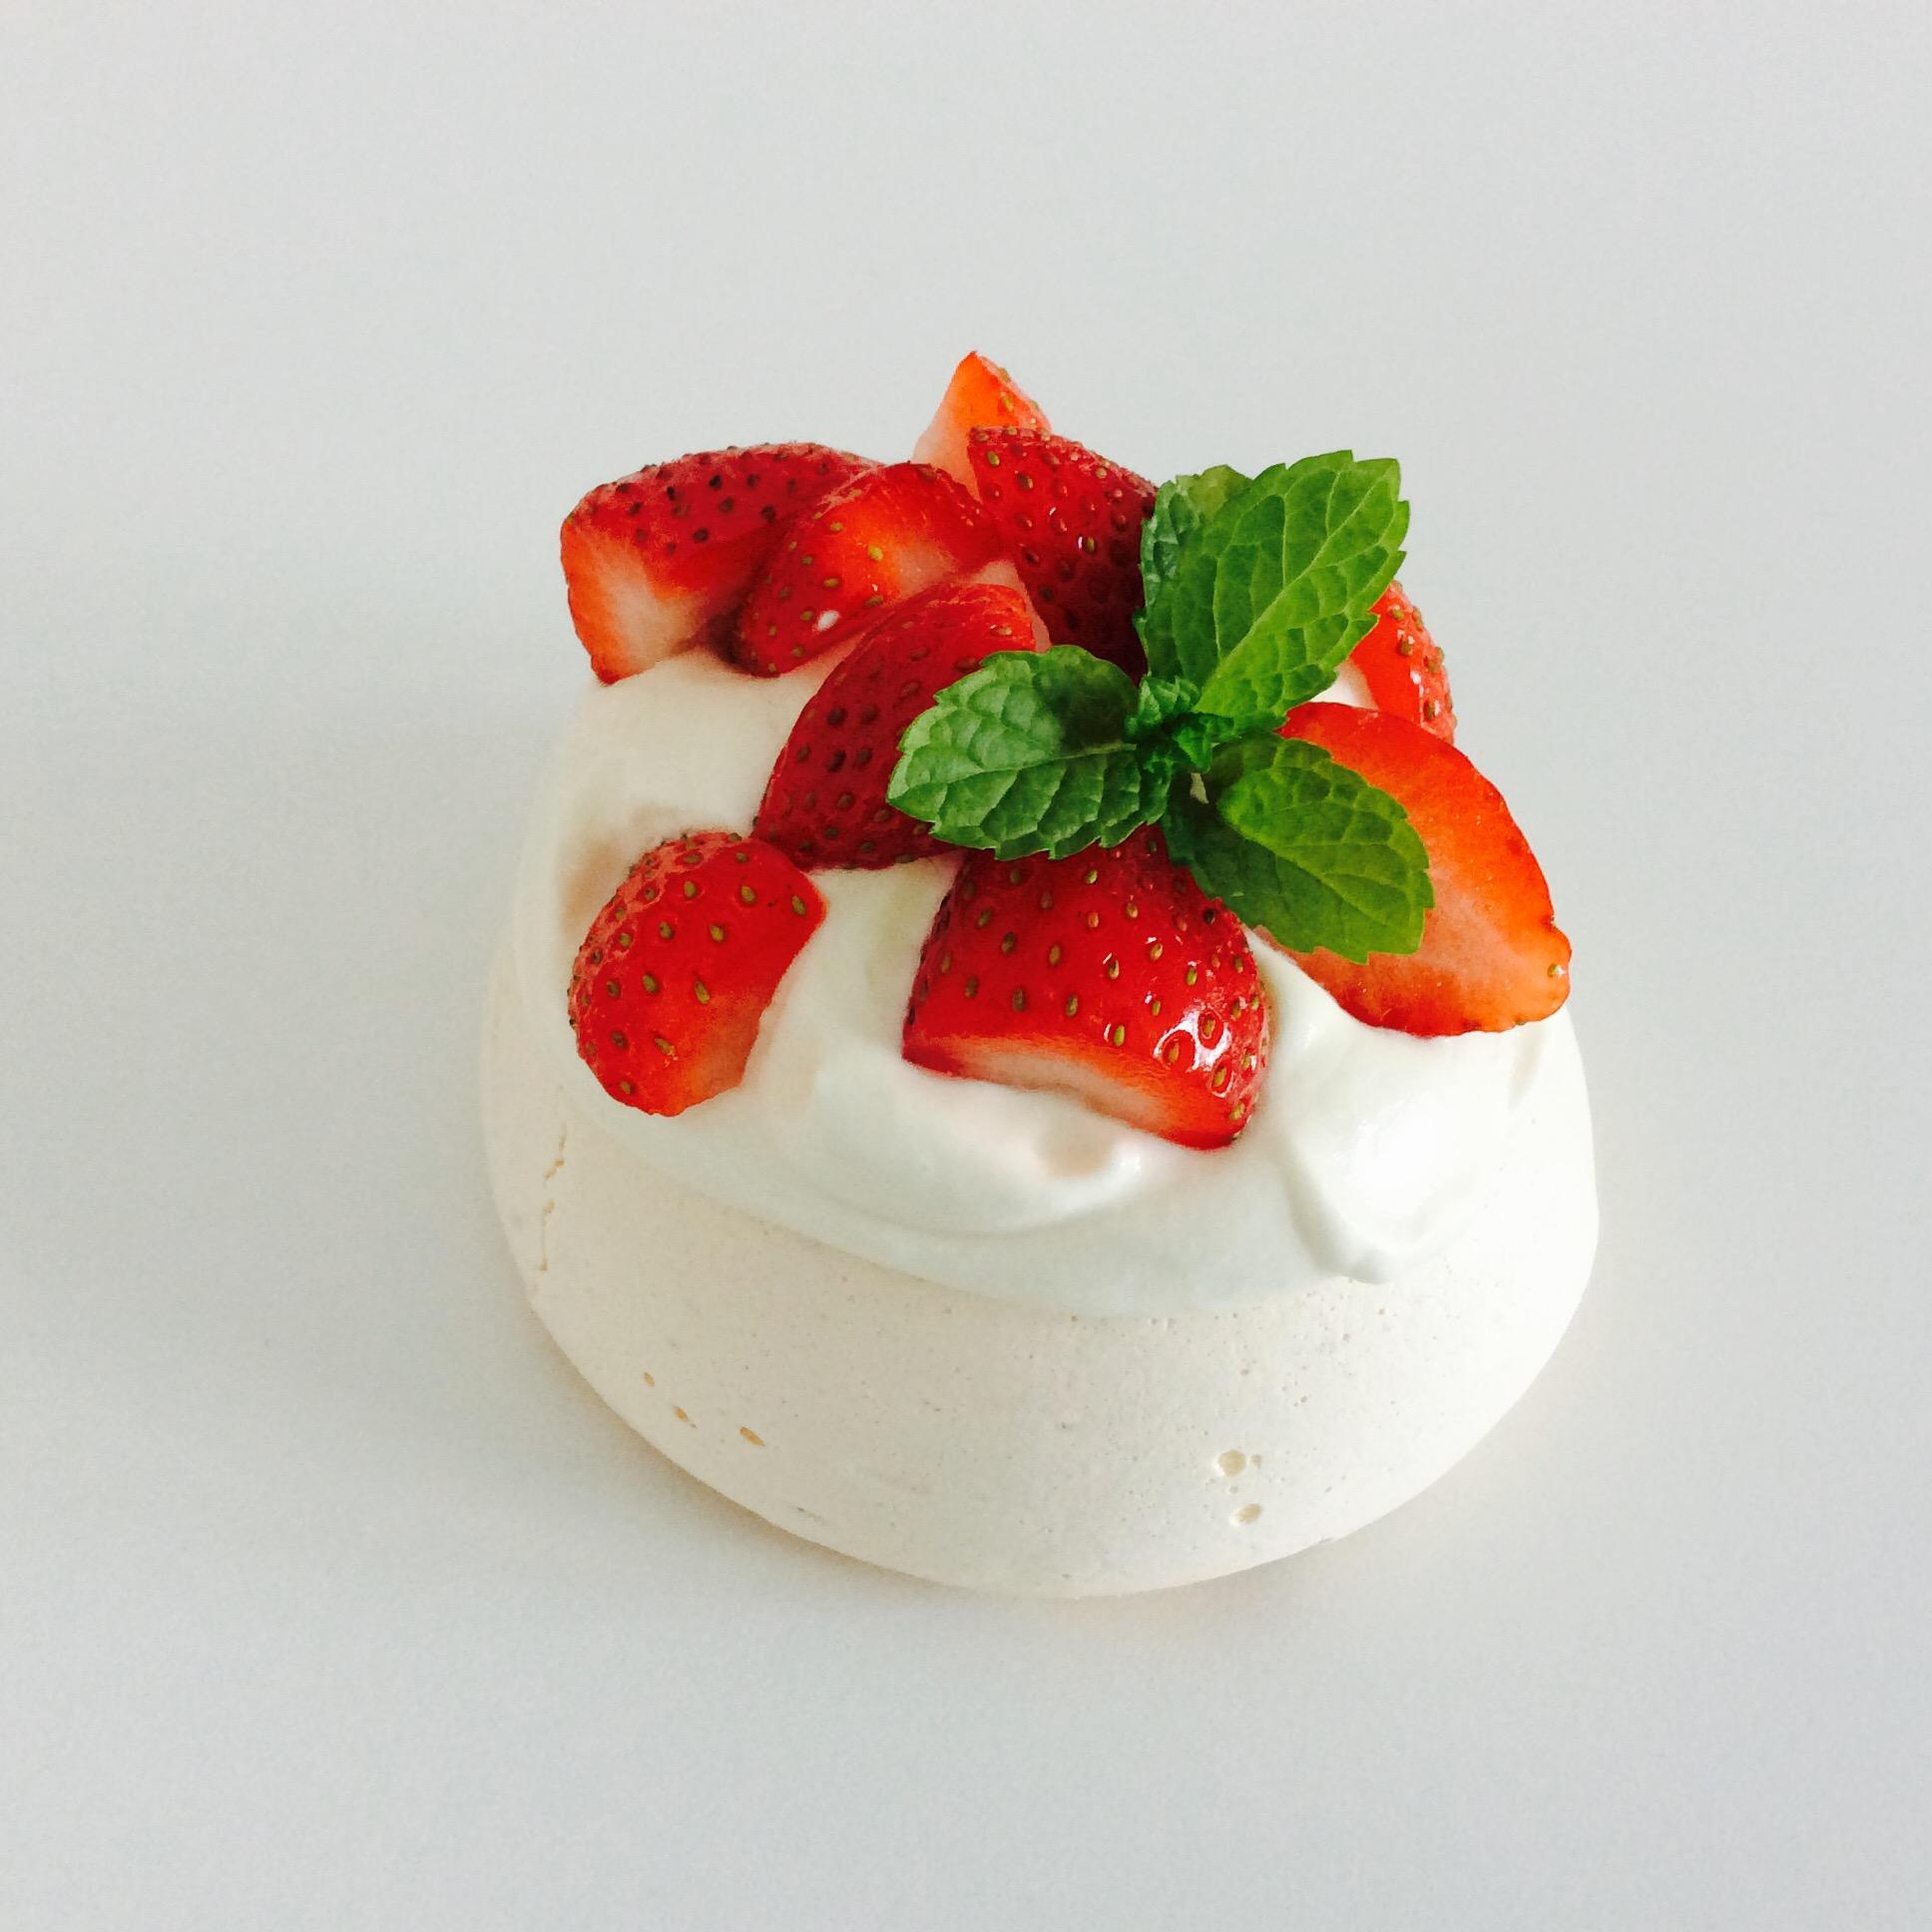 receta-pavlova-fresas-ido